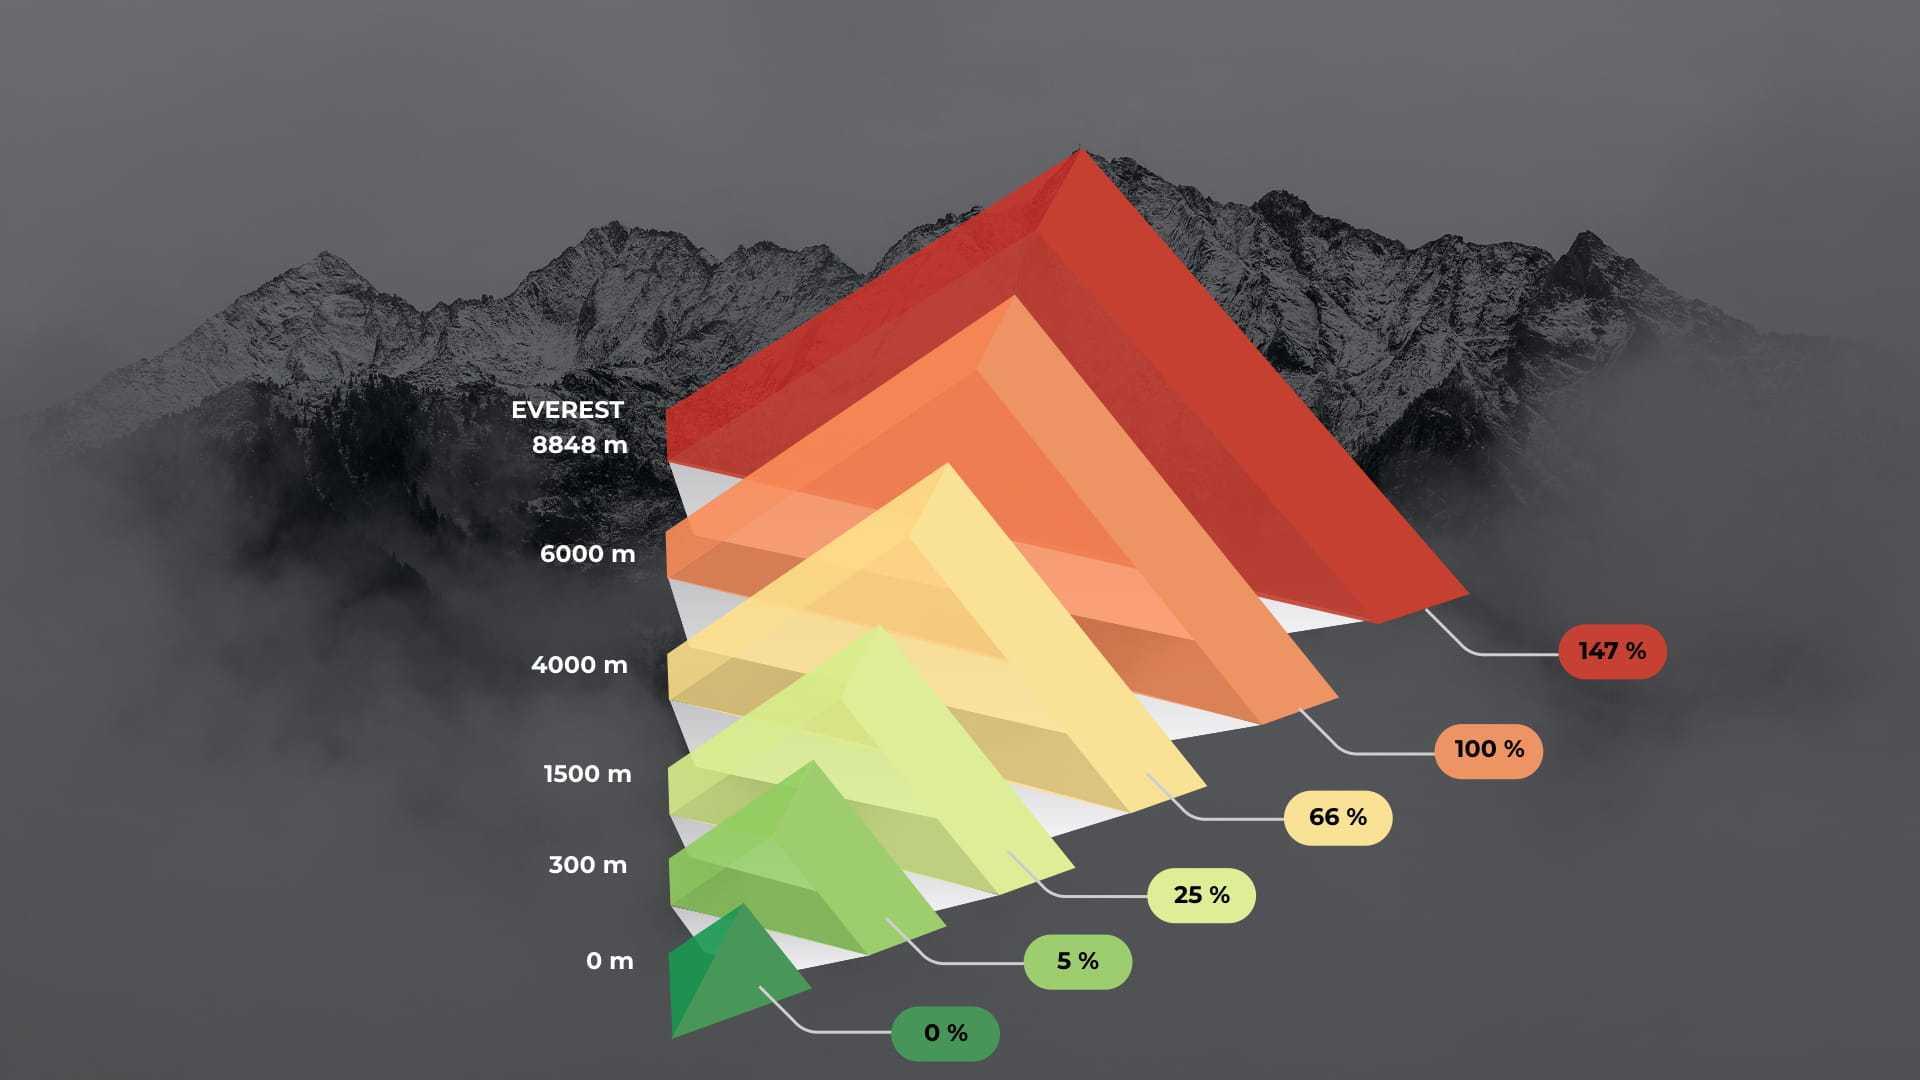 aumento riesgo a quemarse montaña